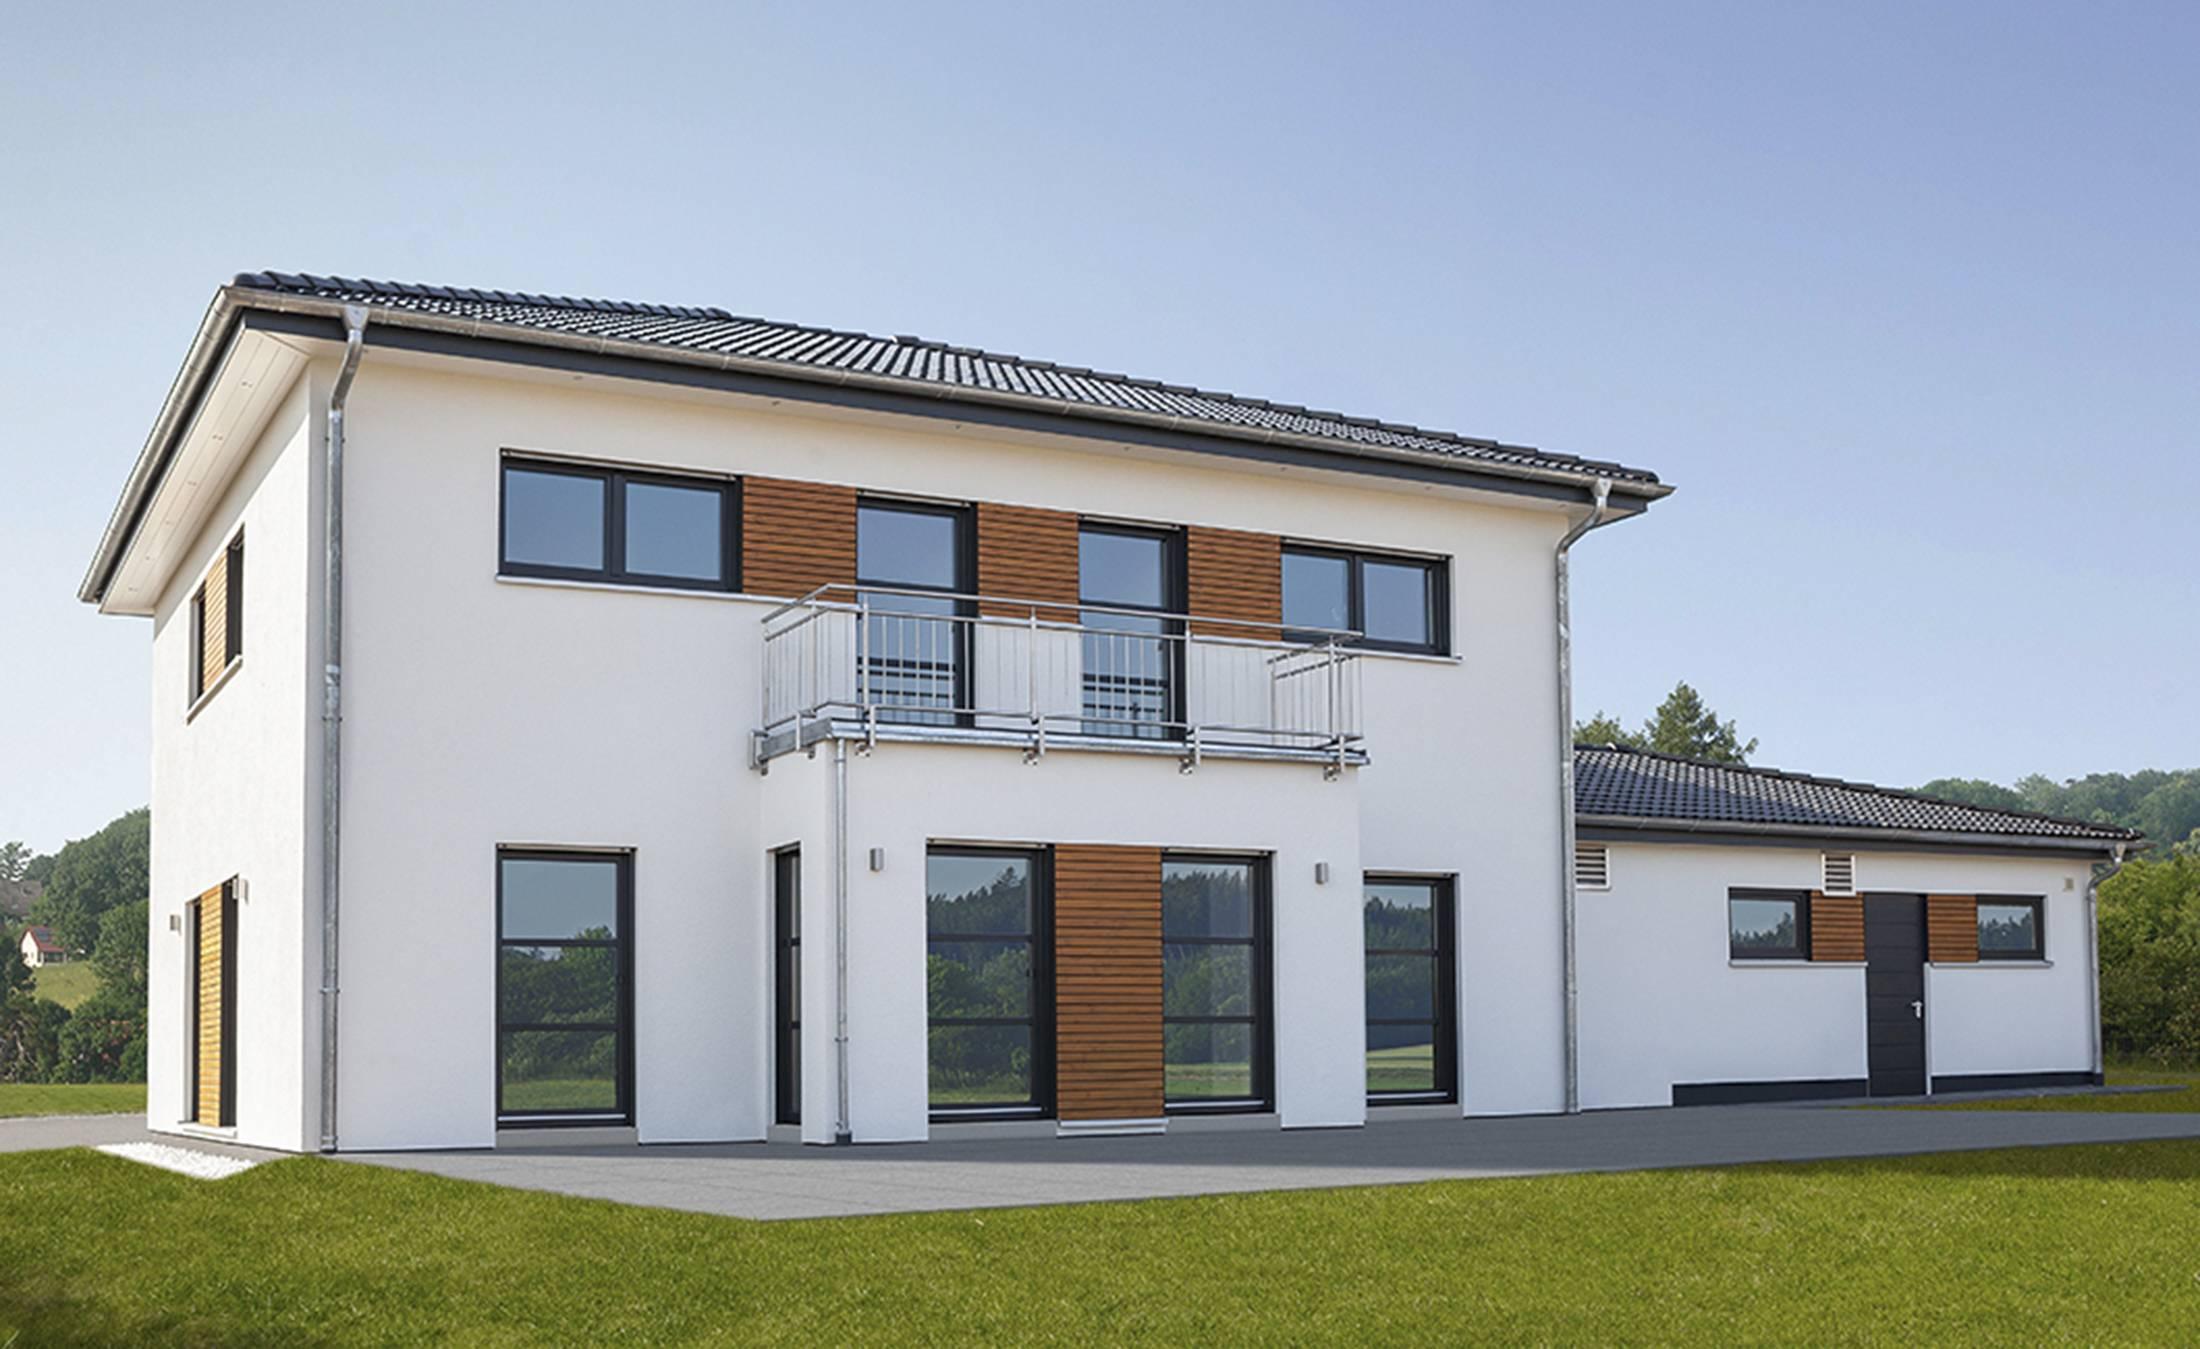 Einfamilienhaus Edition 21 von Wolf Haus   Fertighaus.de